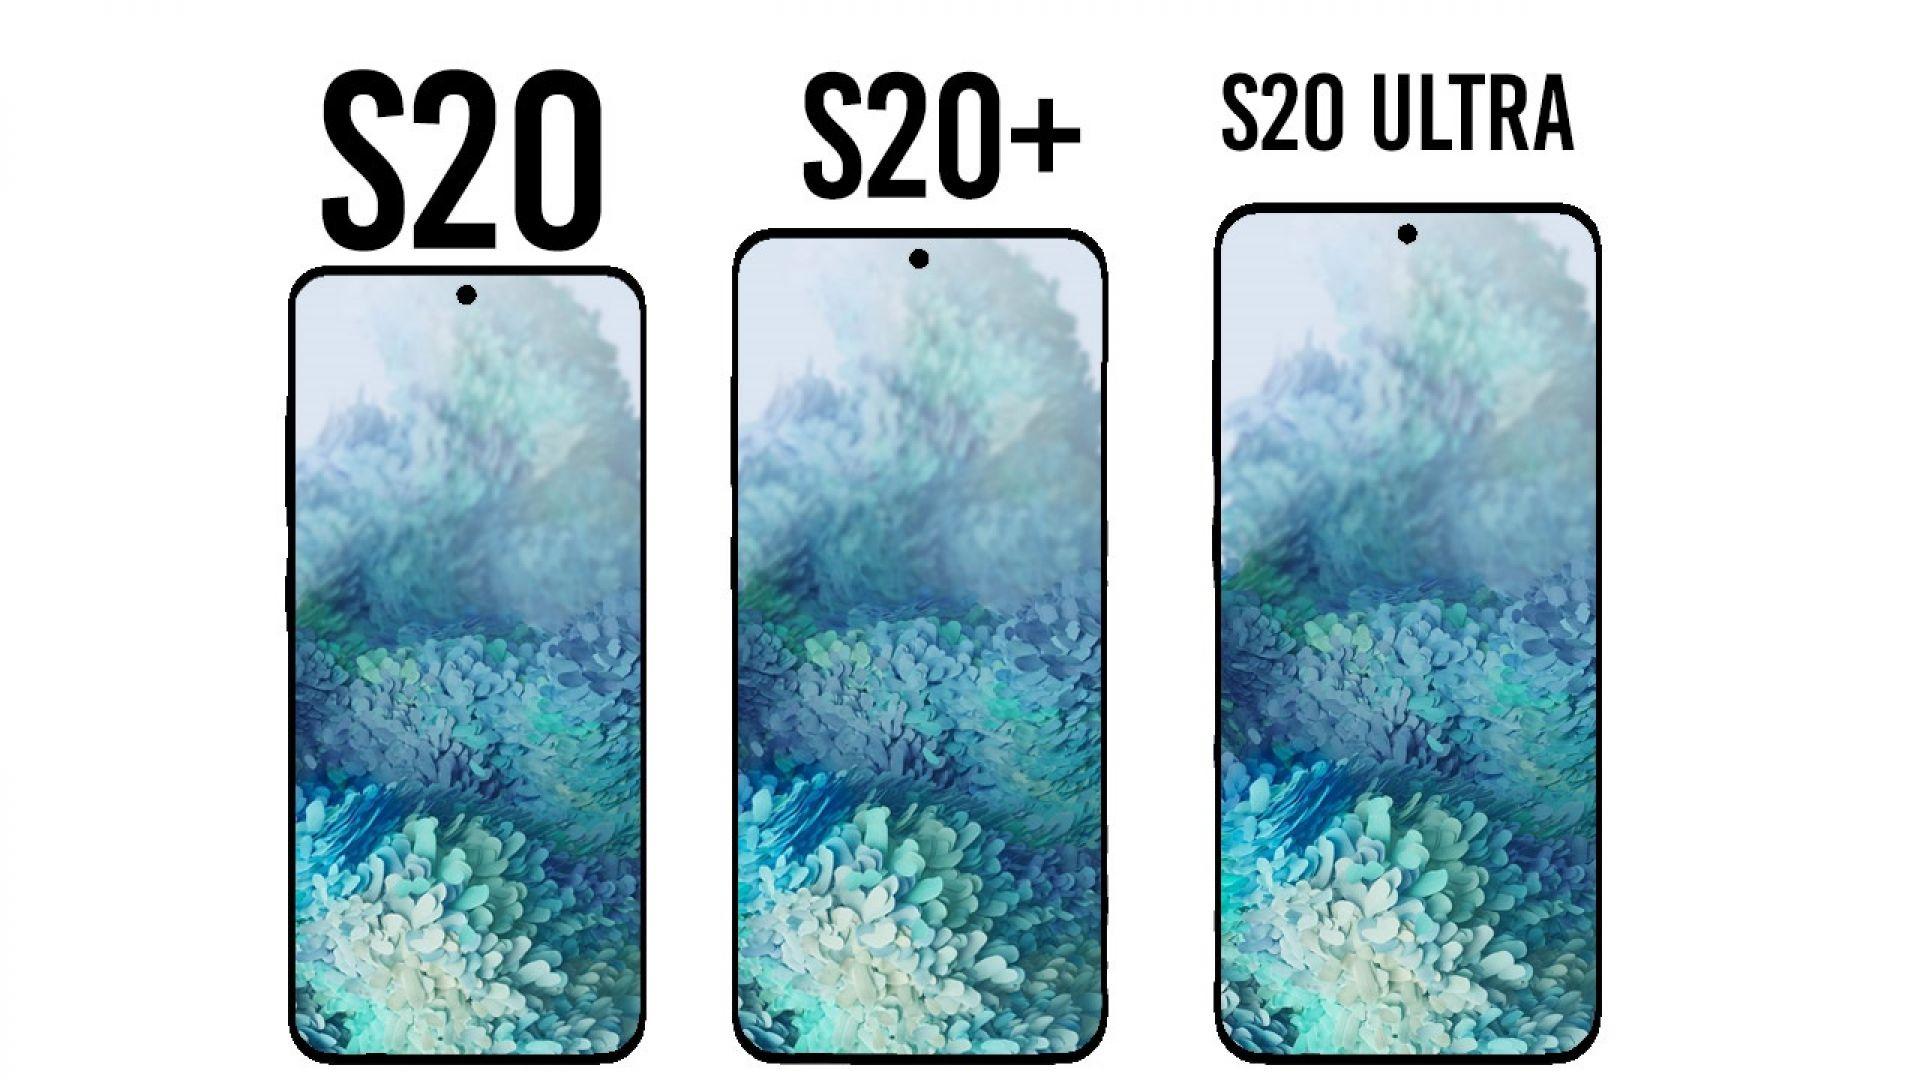 Започнаха предварителни поръчки за дългоочакваните Samsung Galaxy S20, S20+ и S20 Ultra в онлайн магазина на А1